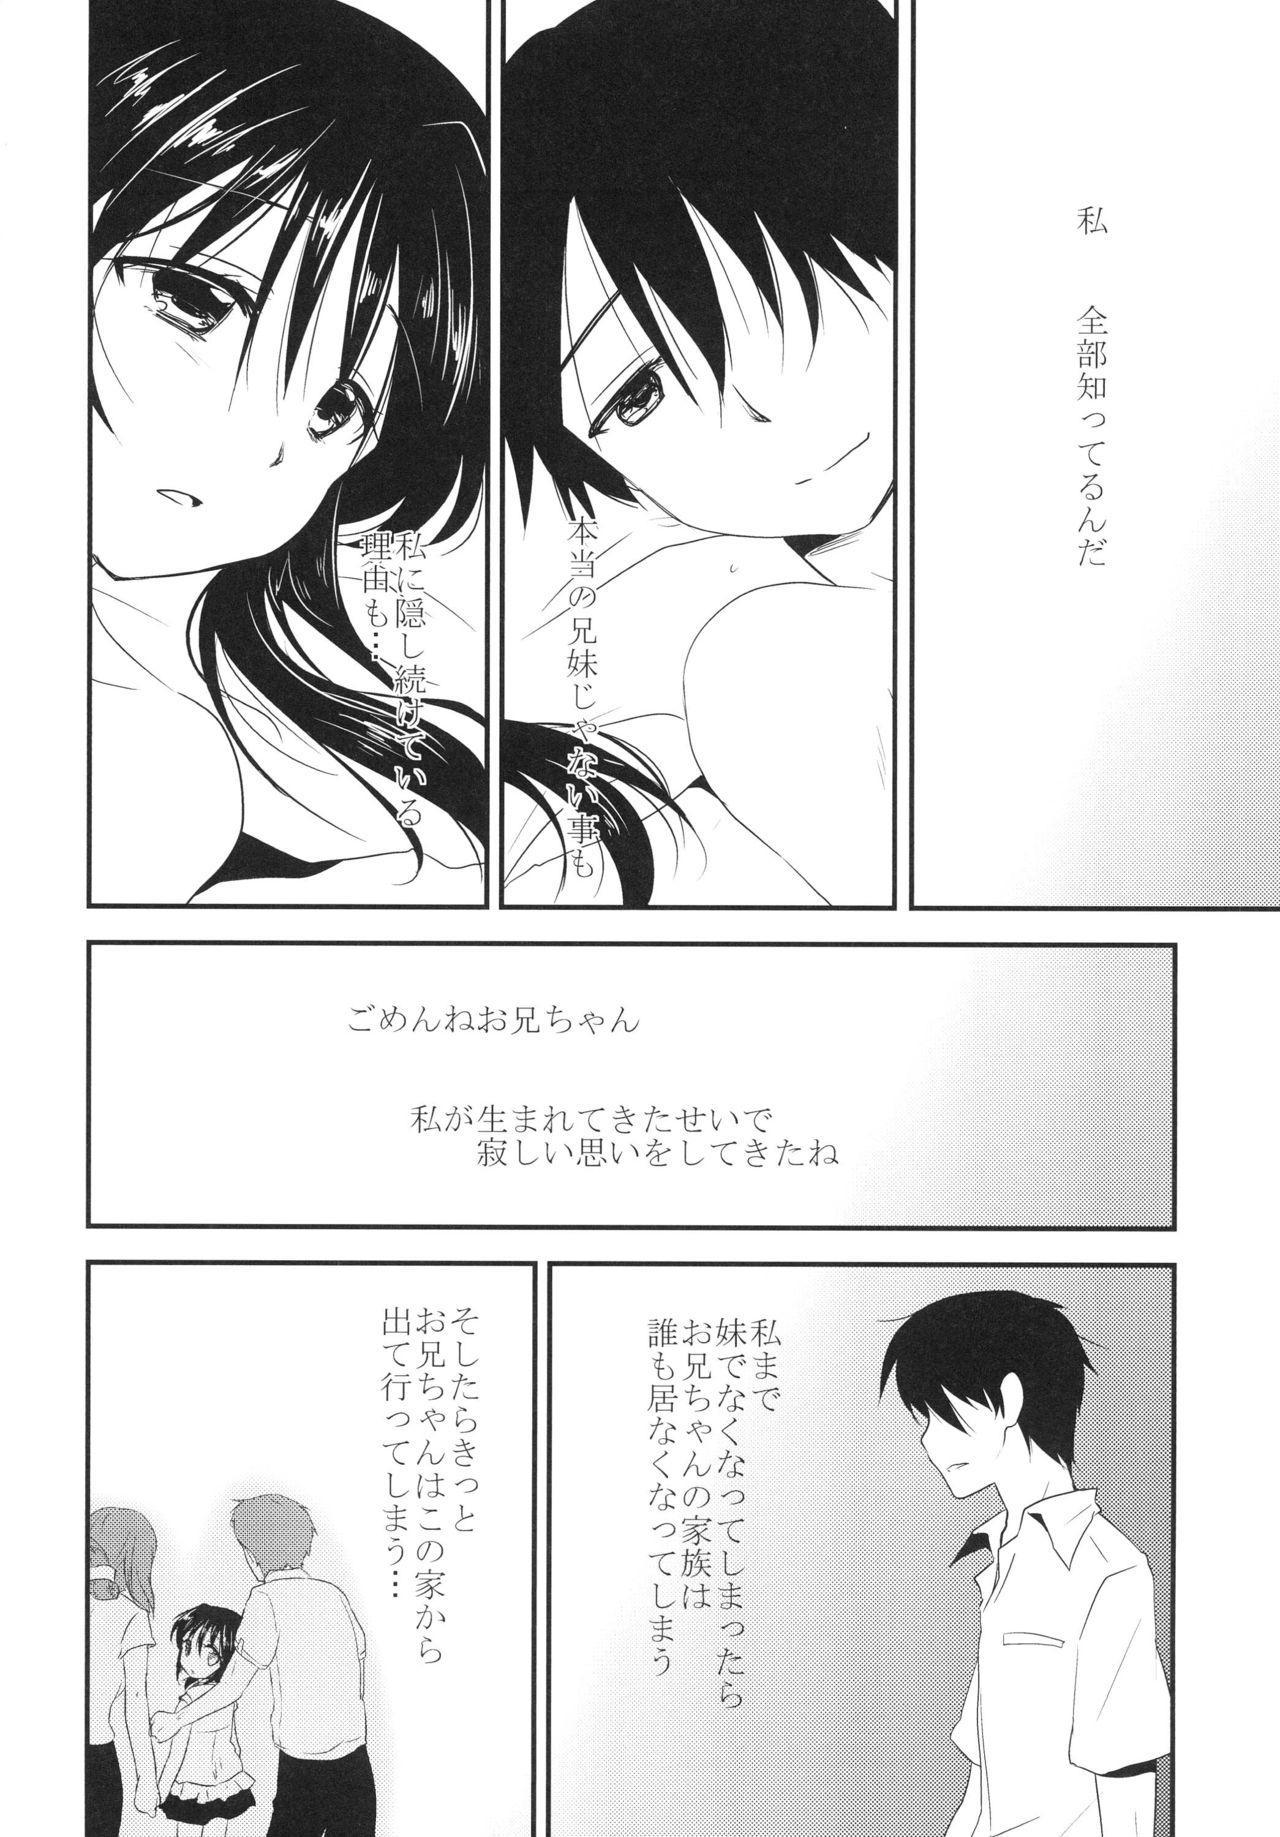 Imouto wa Shiranai 15